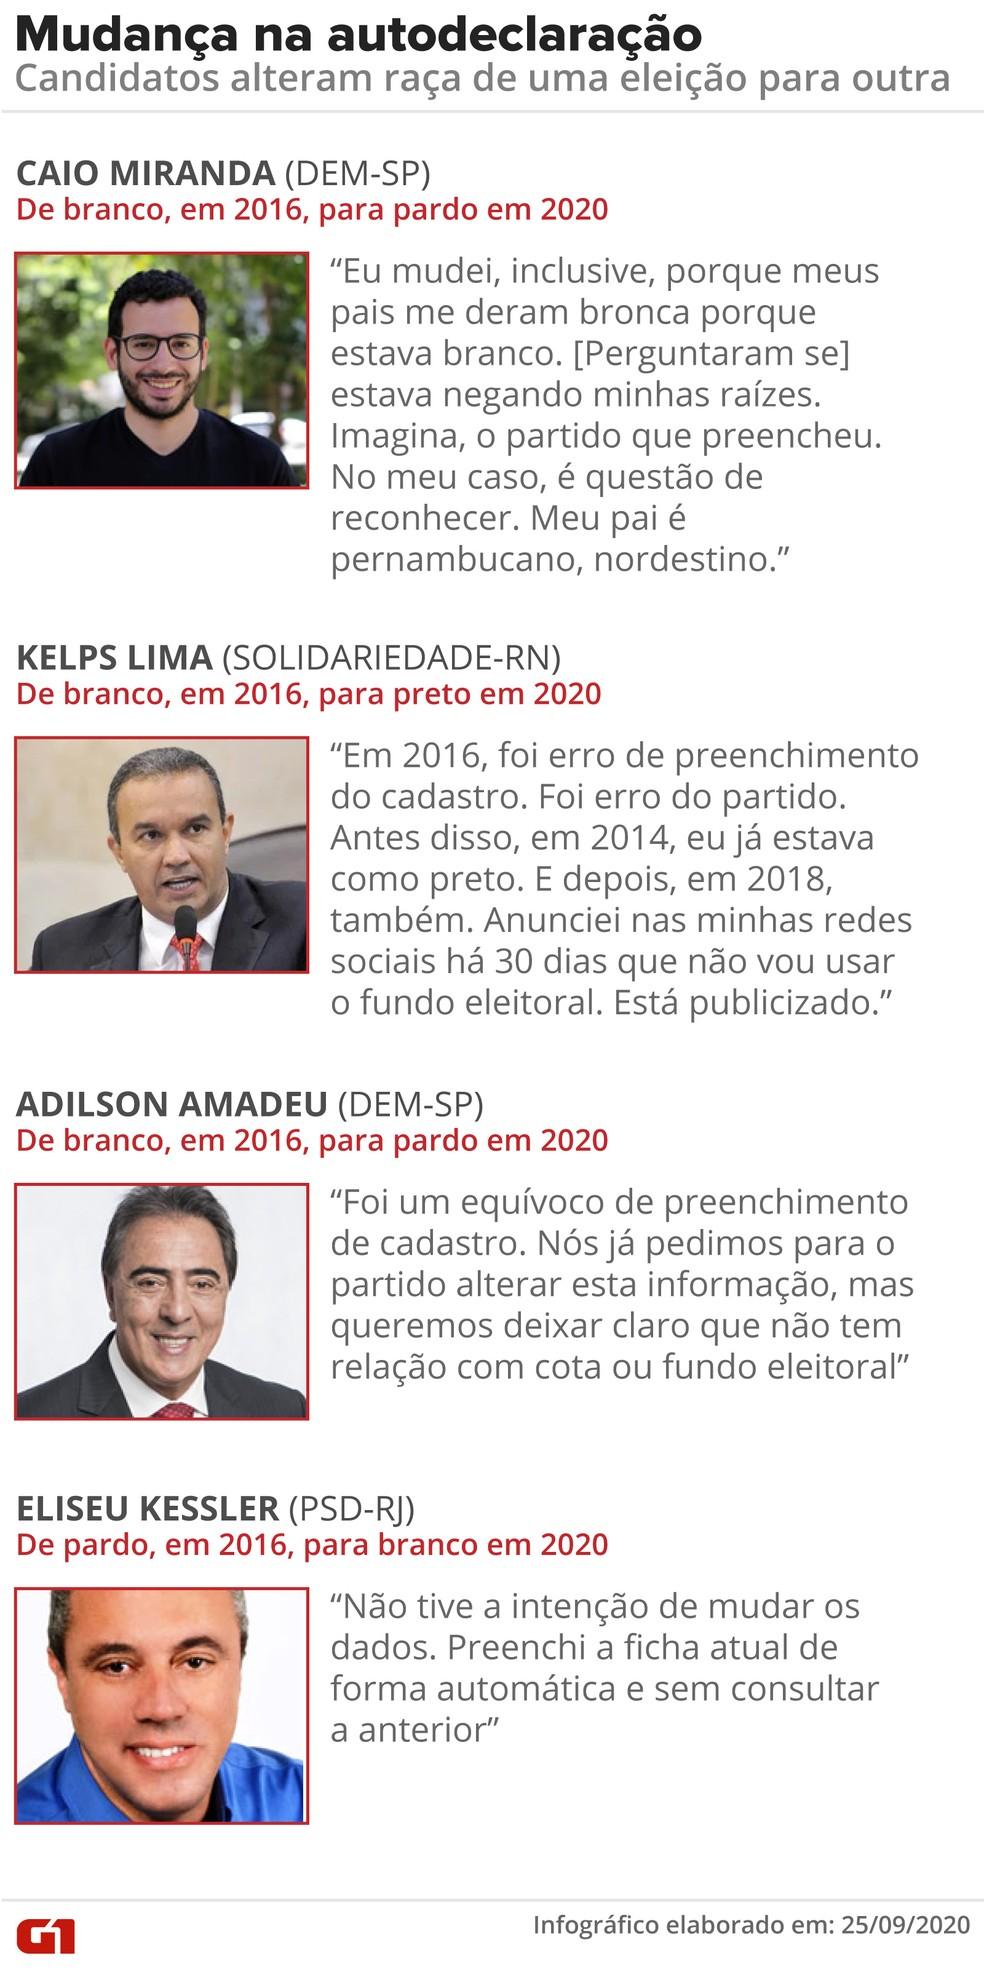 Candidatos explicam mudança na raça declarada — Foto: Fernanda Garrafiel/G1